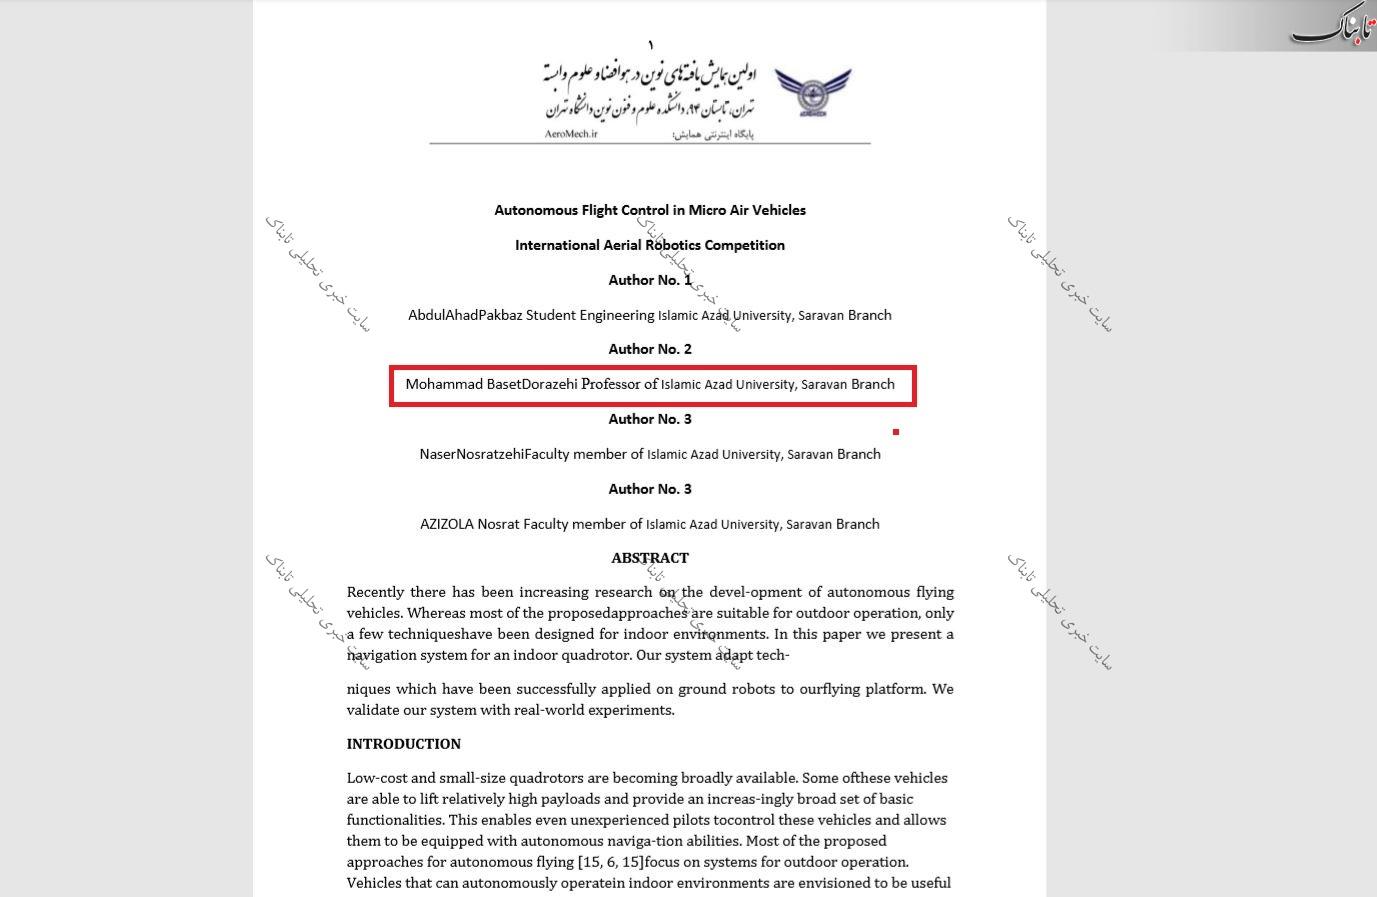 افشای سرقت علمی در در مقاله باسط درازهی! +سند